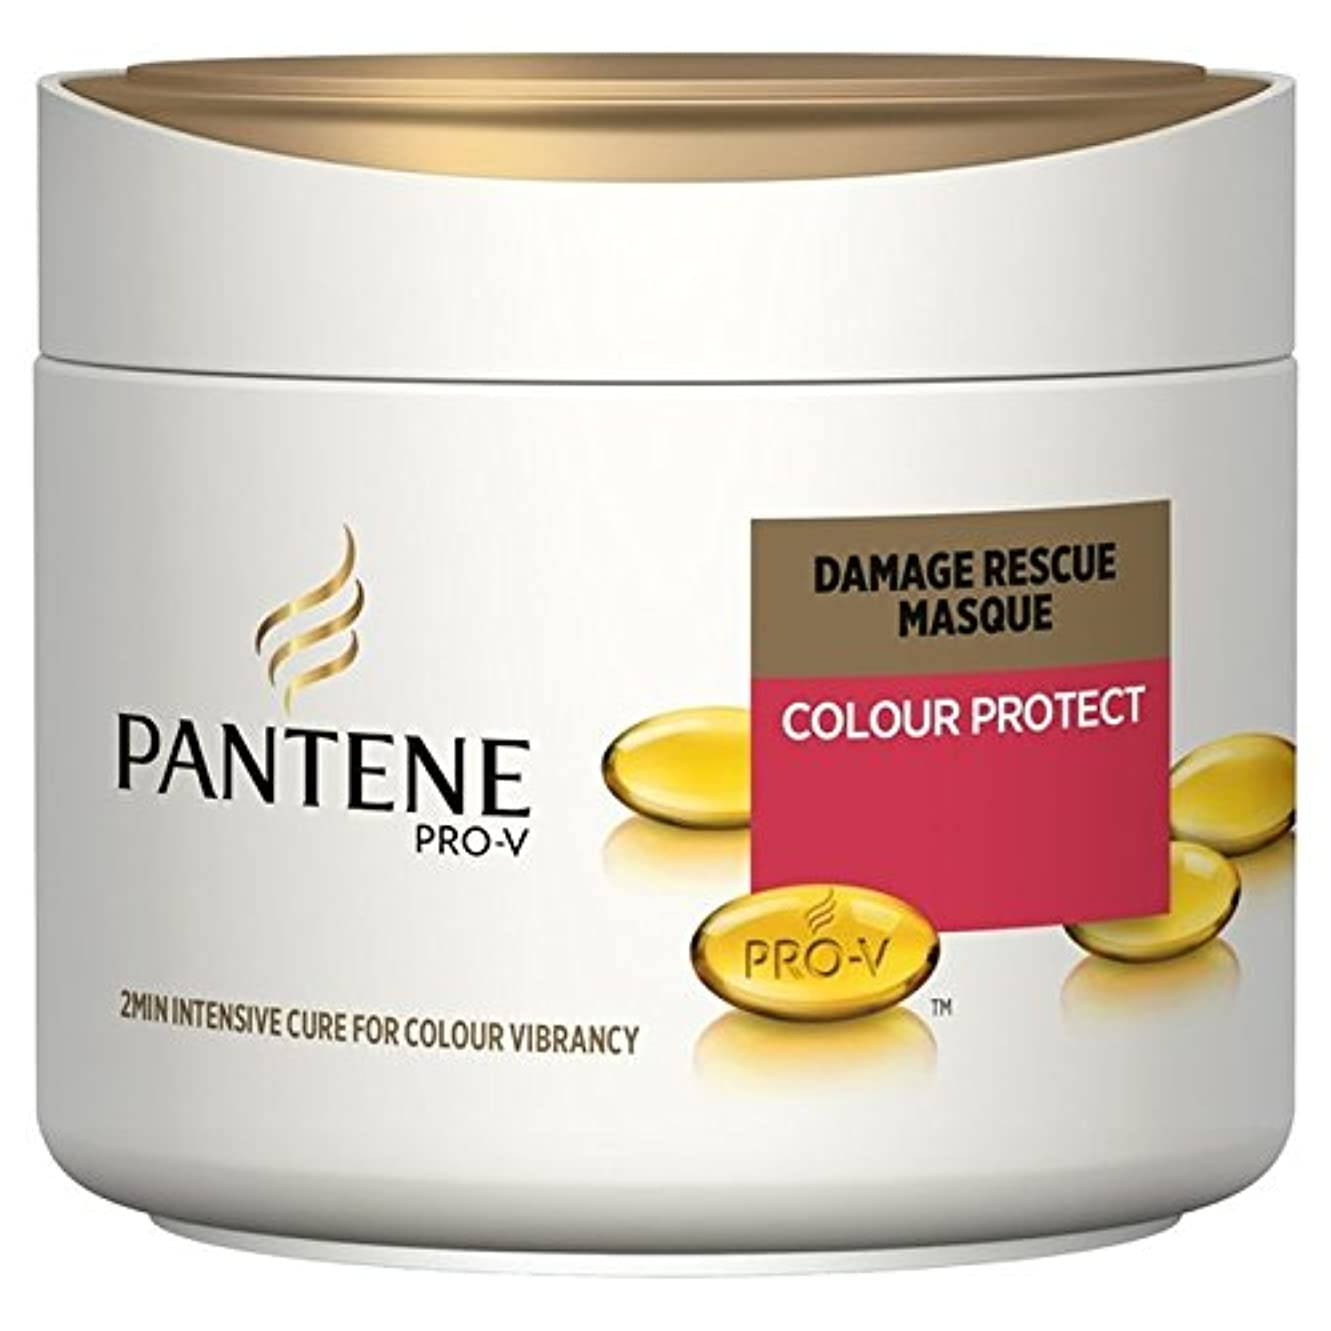 進化広範囲に敬なパンテーンの2分の色が損傷レスキュー仮面の300ミリリットルを保護します x2 - Pantene 2min Colour Protect Damage Rescue Masque 300ml (Pack of 2) [並行輸入品]